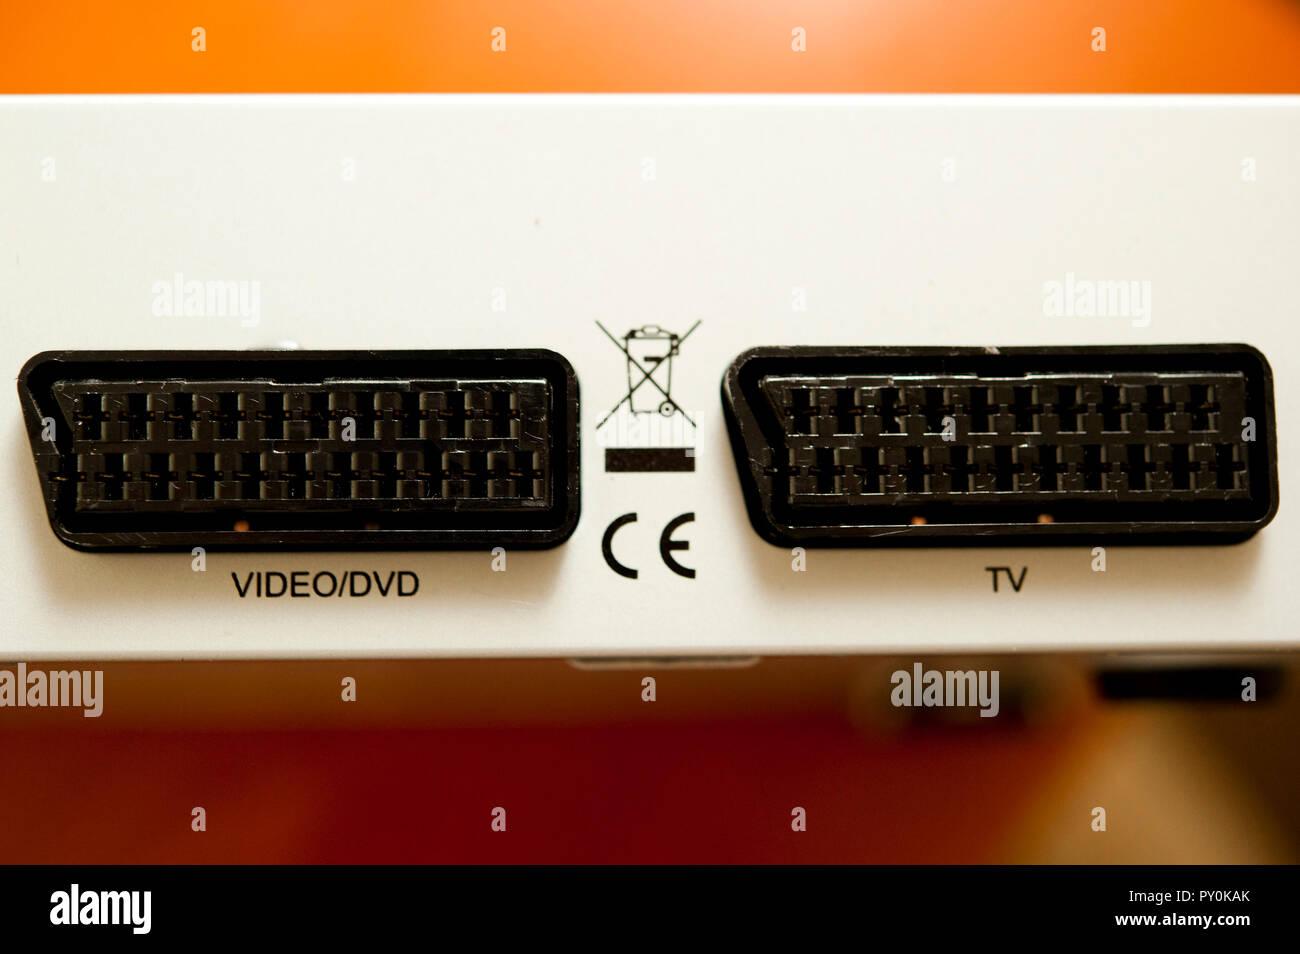 Dvd/VIDEO SCART-Anschluss und TV-SCART-Anschluss auf der Rückseite der Set-Top-Box Einheit Stockbild